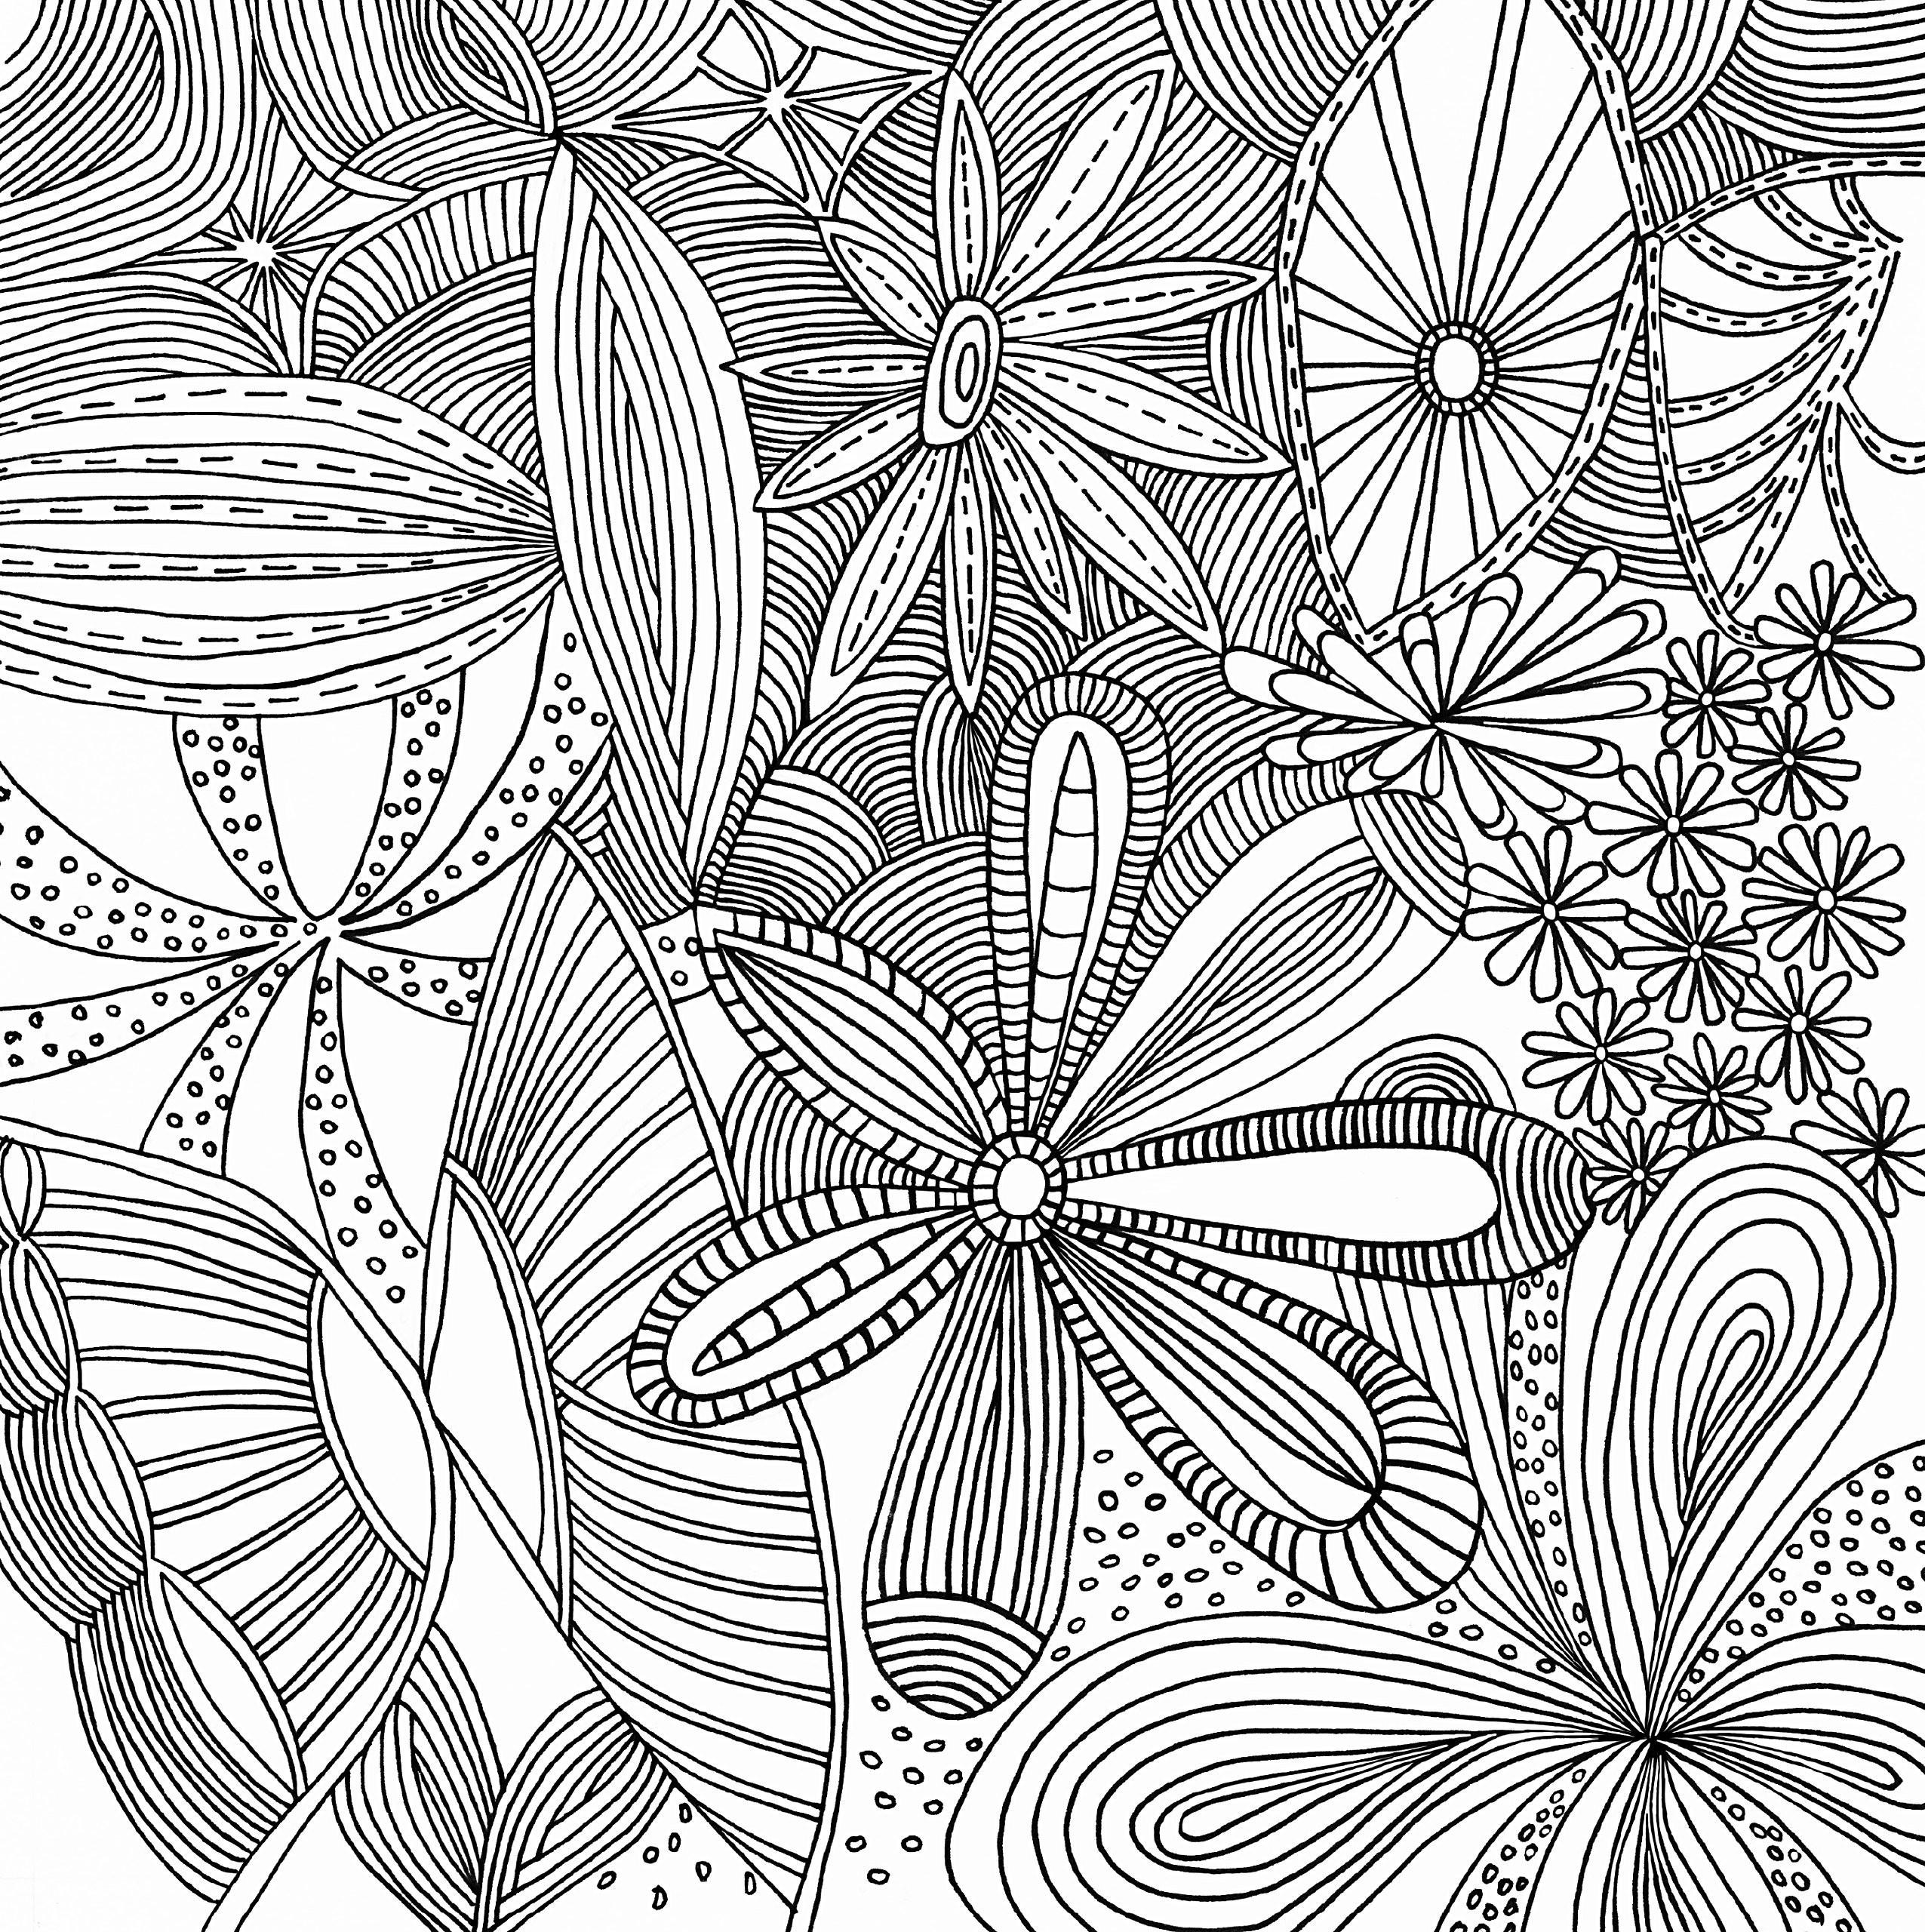 2551x2560 Unique Coloring Pages Patterns Geometric